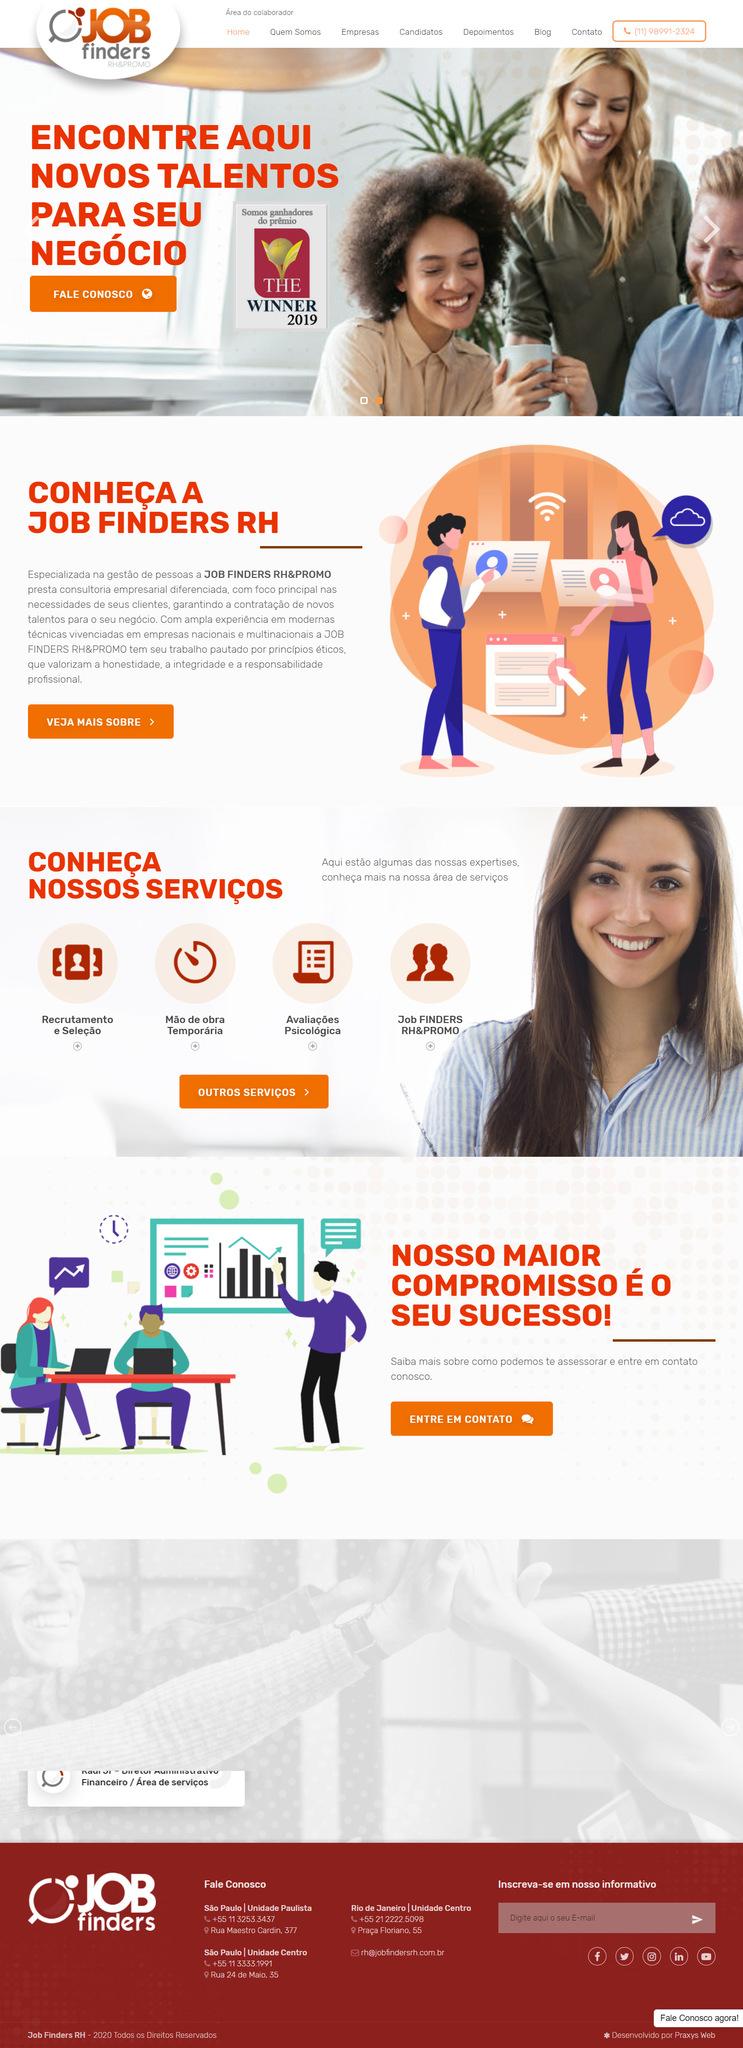 Imagem do projeto Job Finders